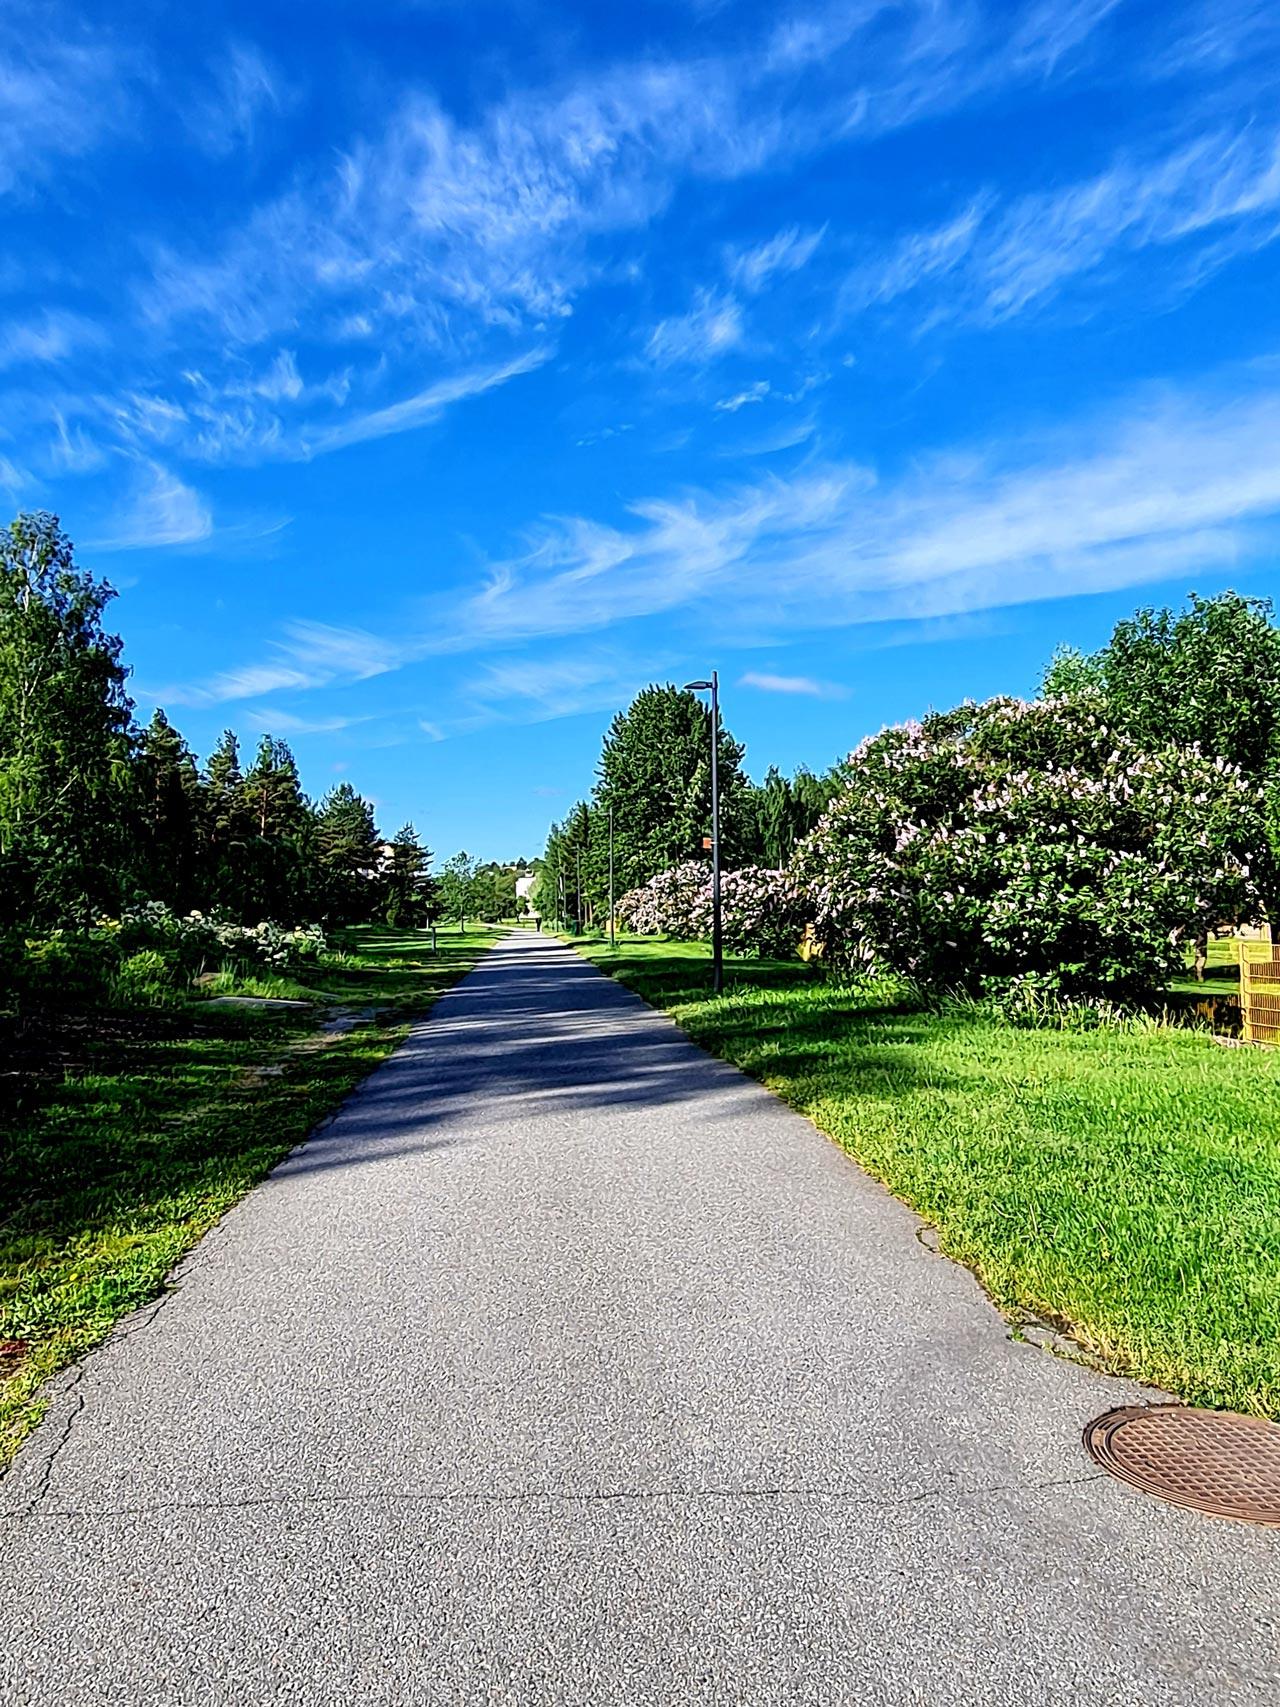 Armi Sarajärvi: Ylhäistenpuisto, puistot kaupungeissa lisäävät kestävää hyvinvointia.